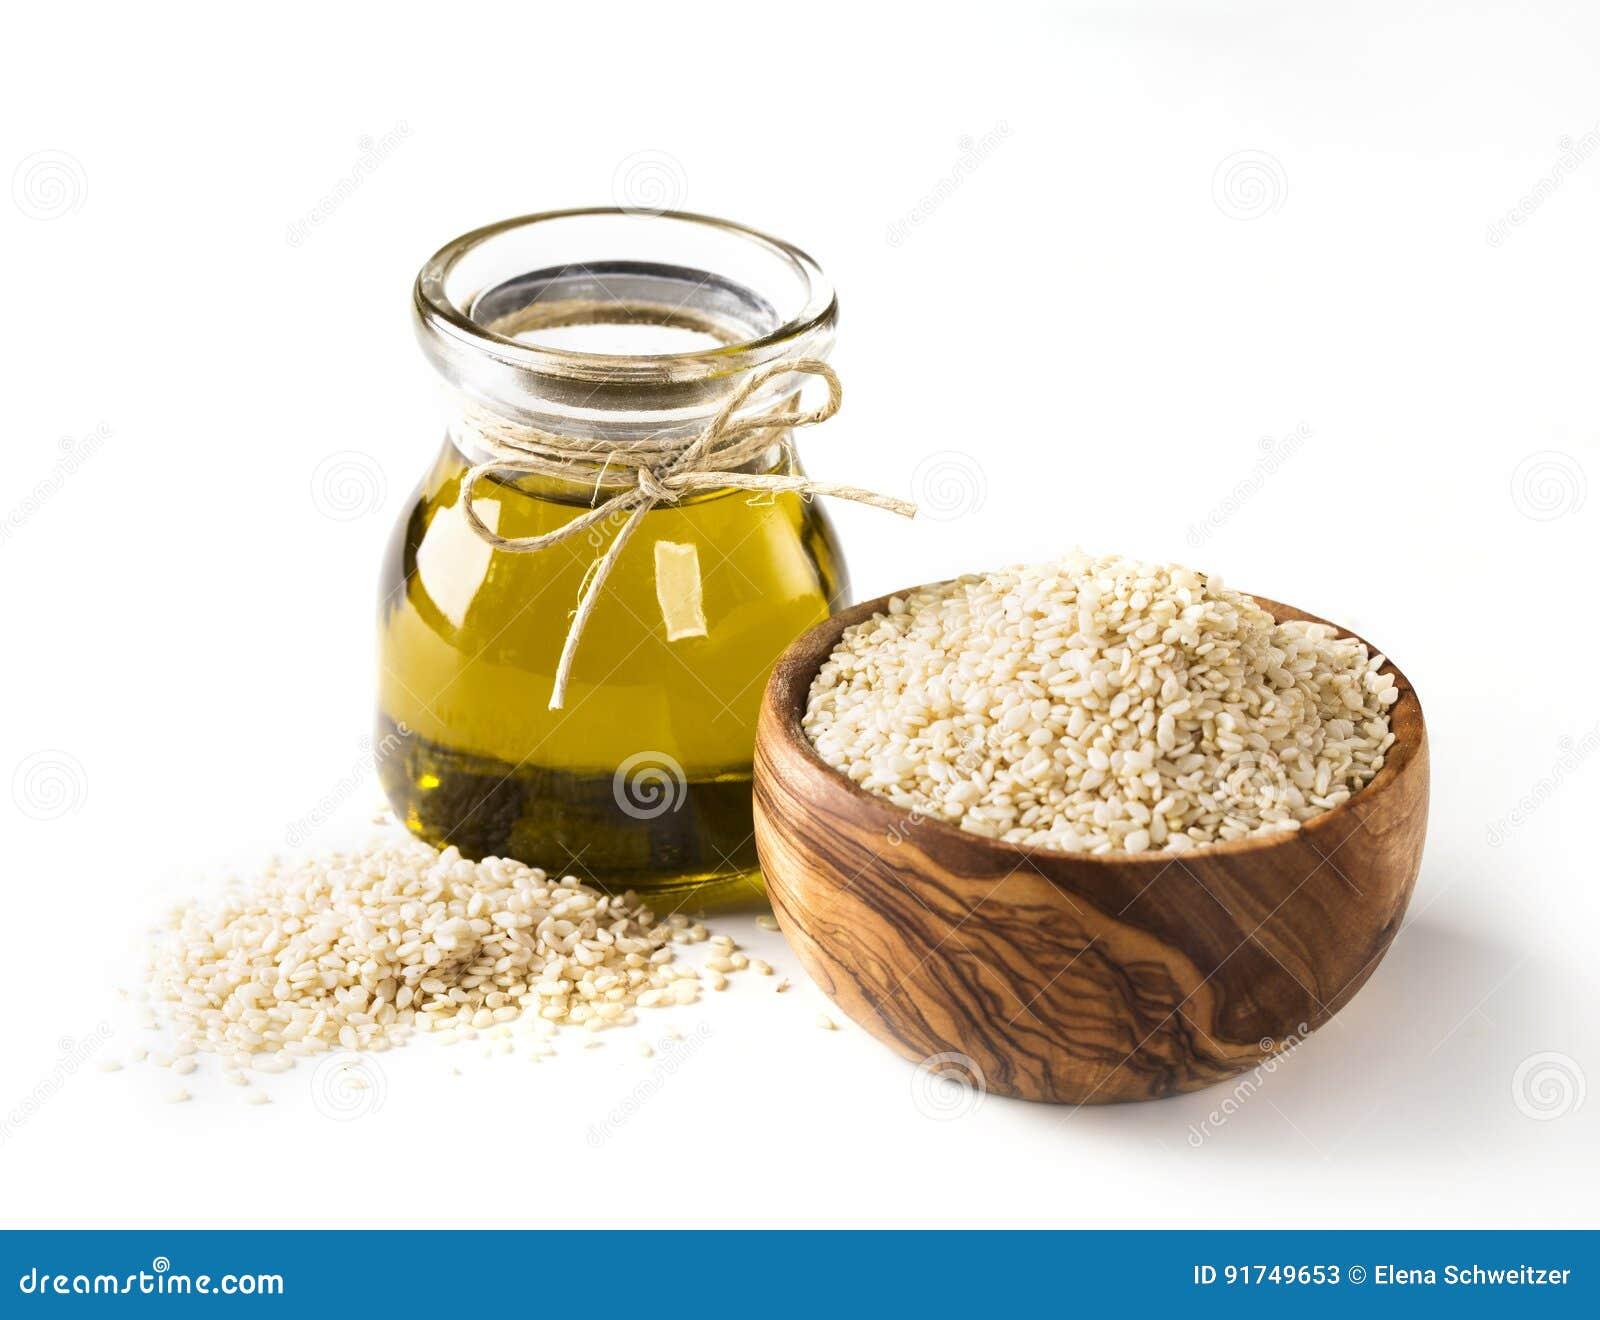 De olie en de zaden van de sesam